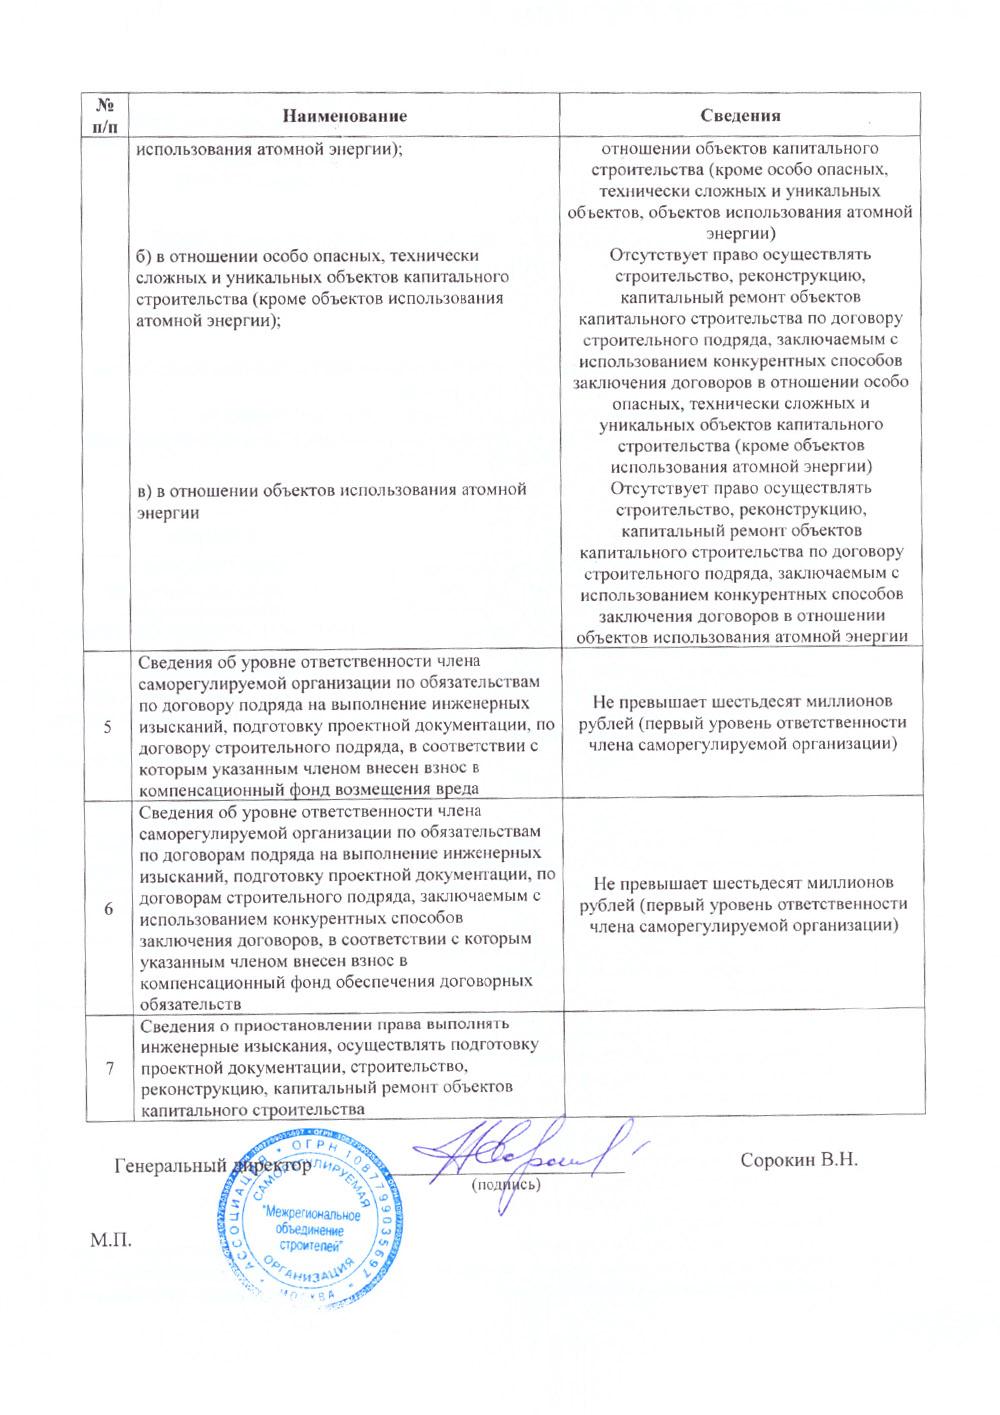 Допуск СРО/Свидетельство о членство в Межрегиональном объединении строителей FireTechnics, стр. 3